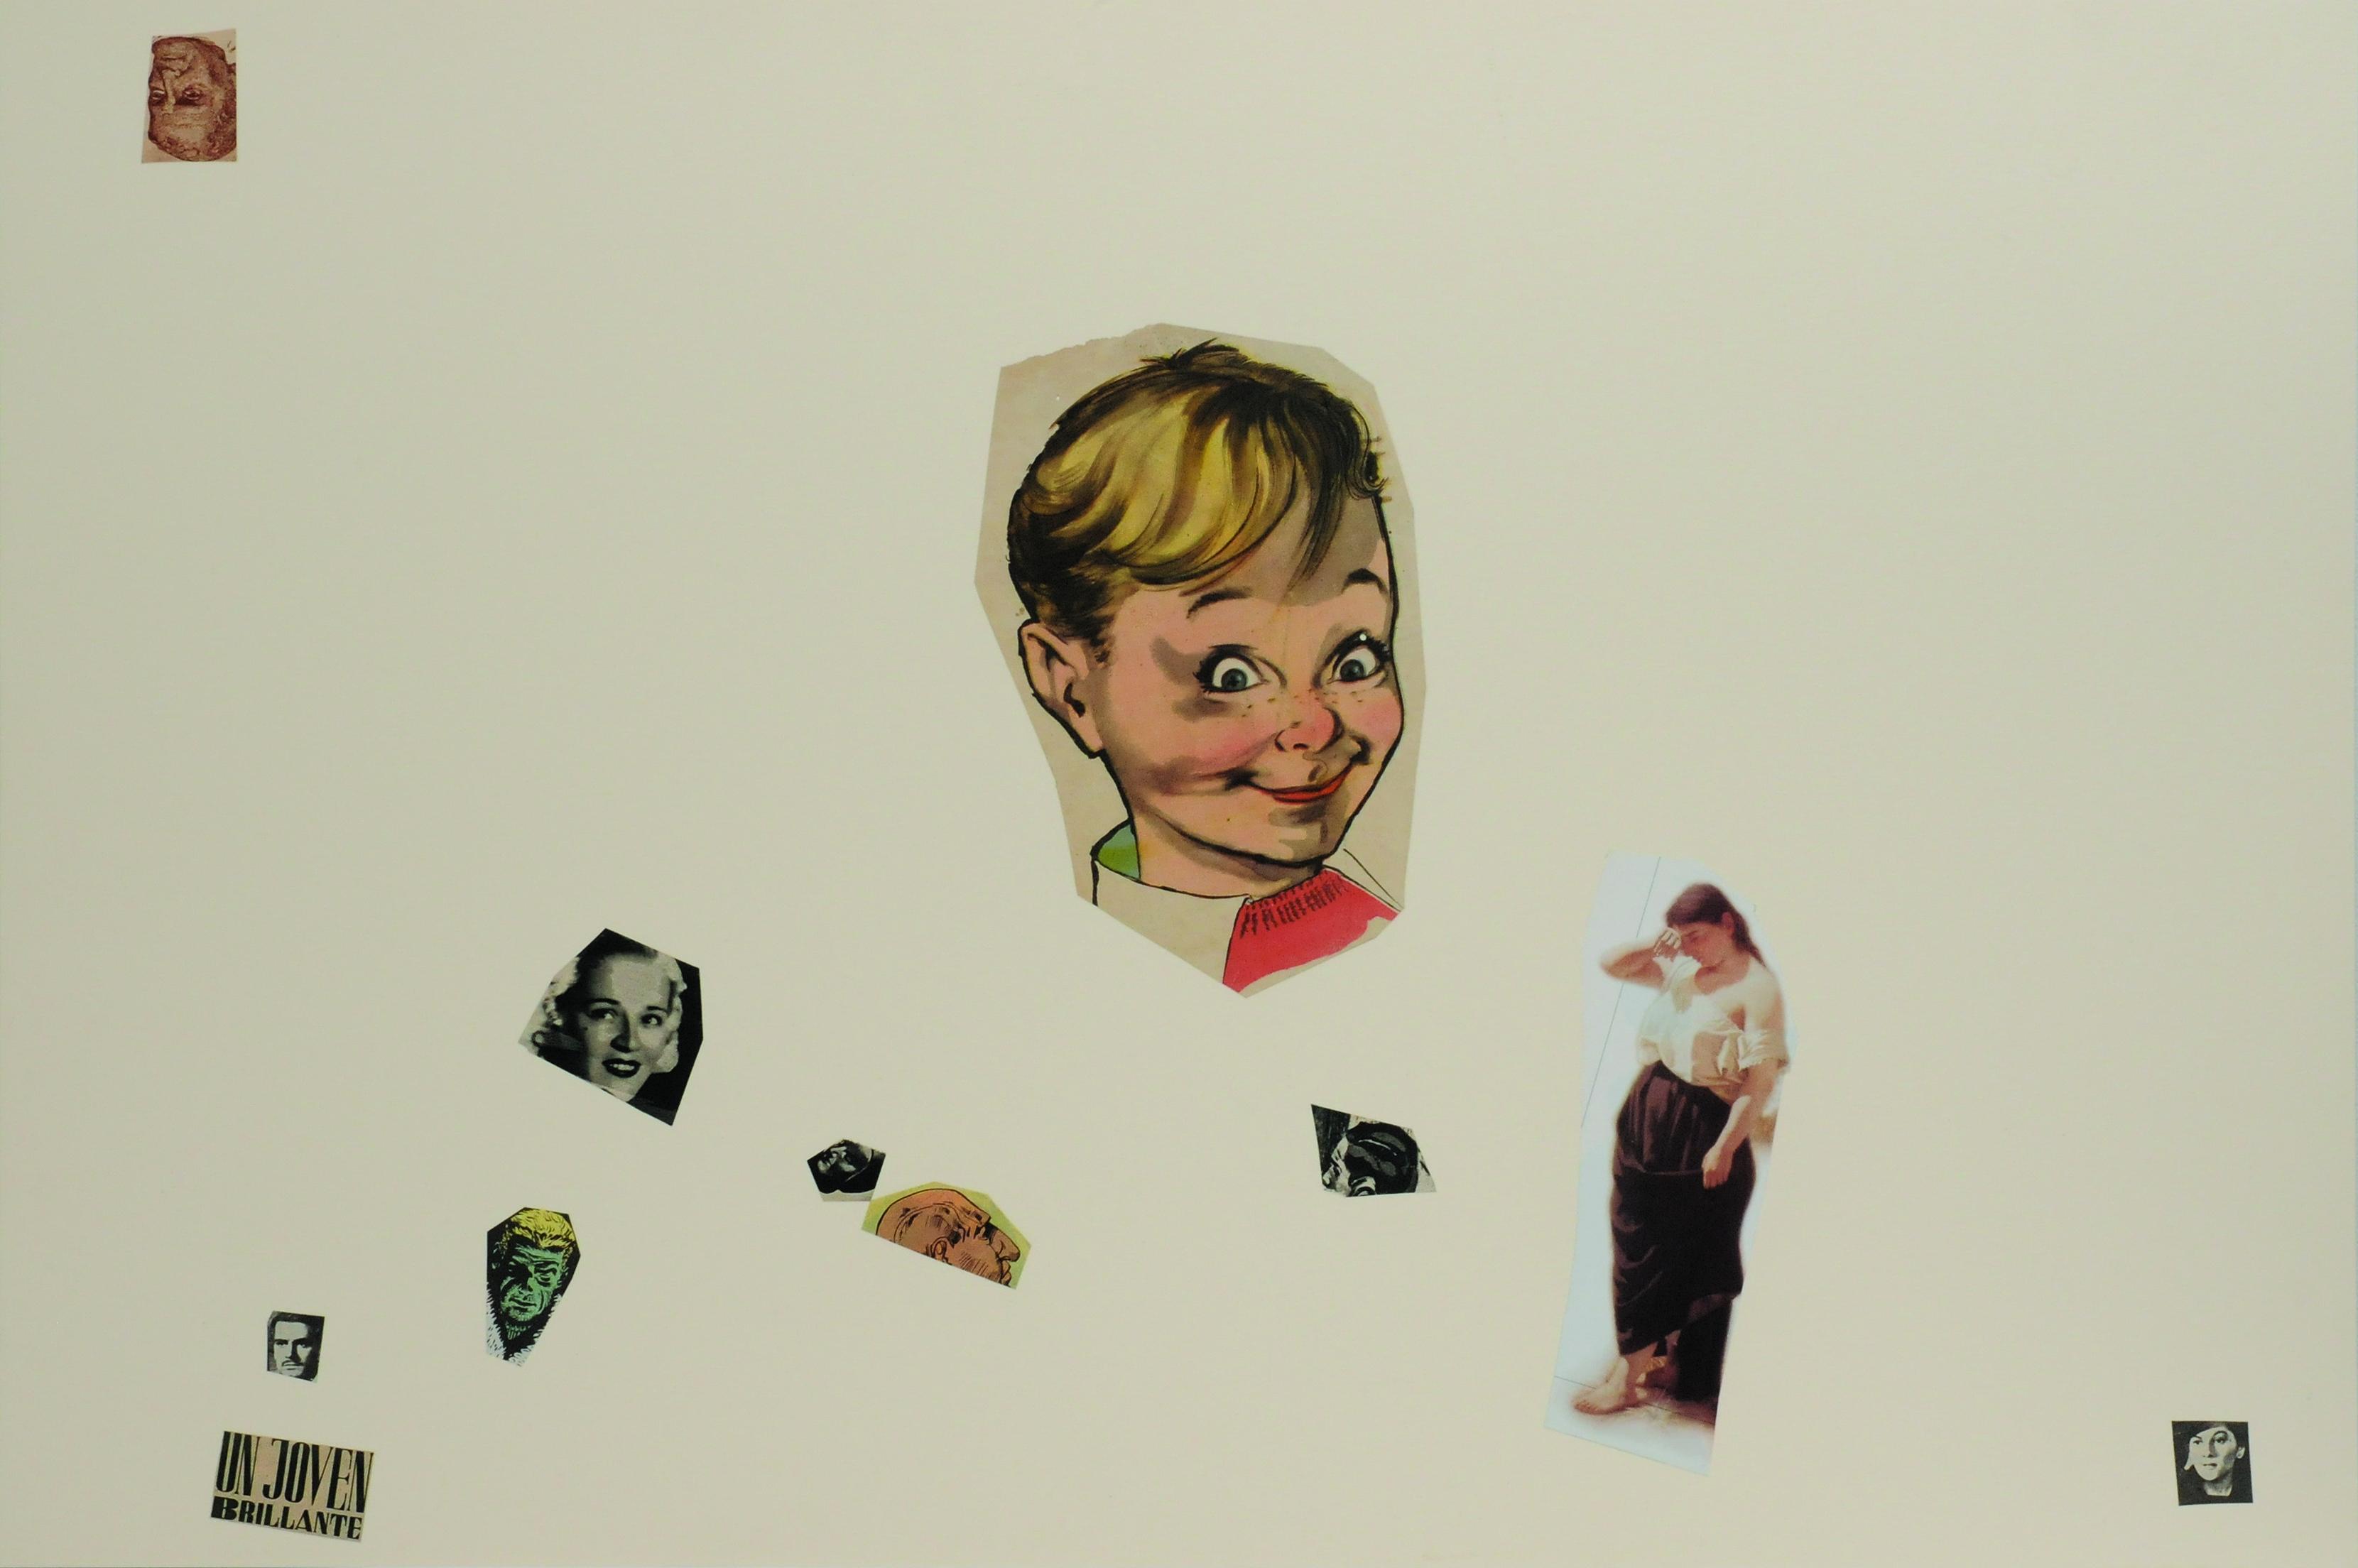 Un joven brillante, papel collage, 51 cm x 76 cm. 2008